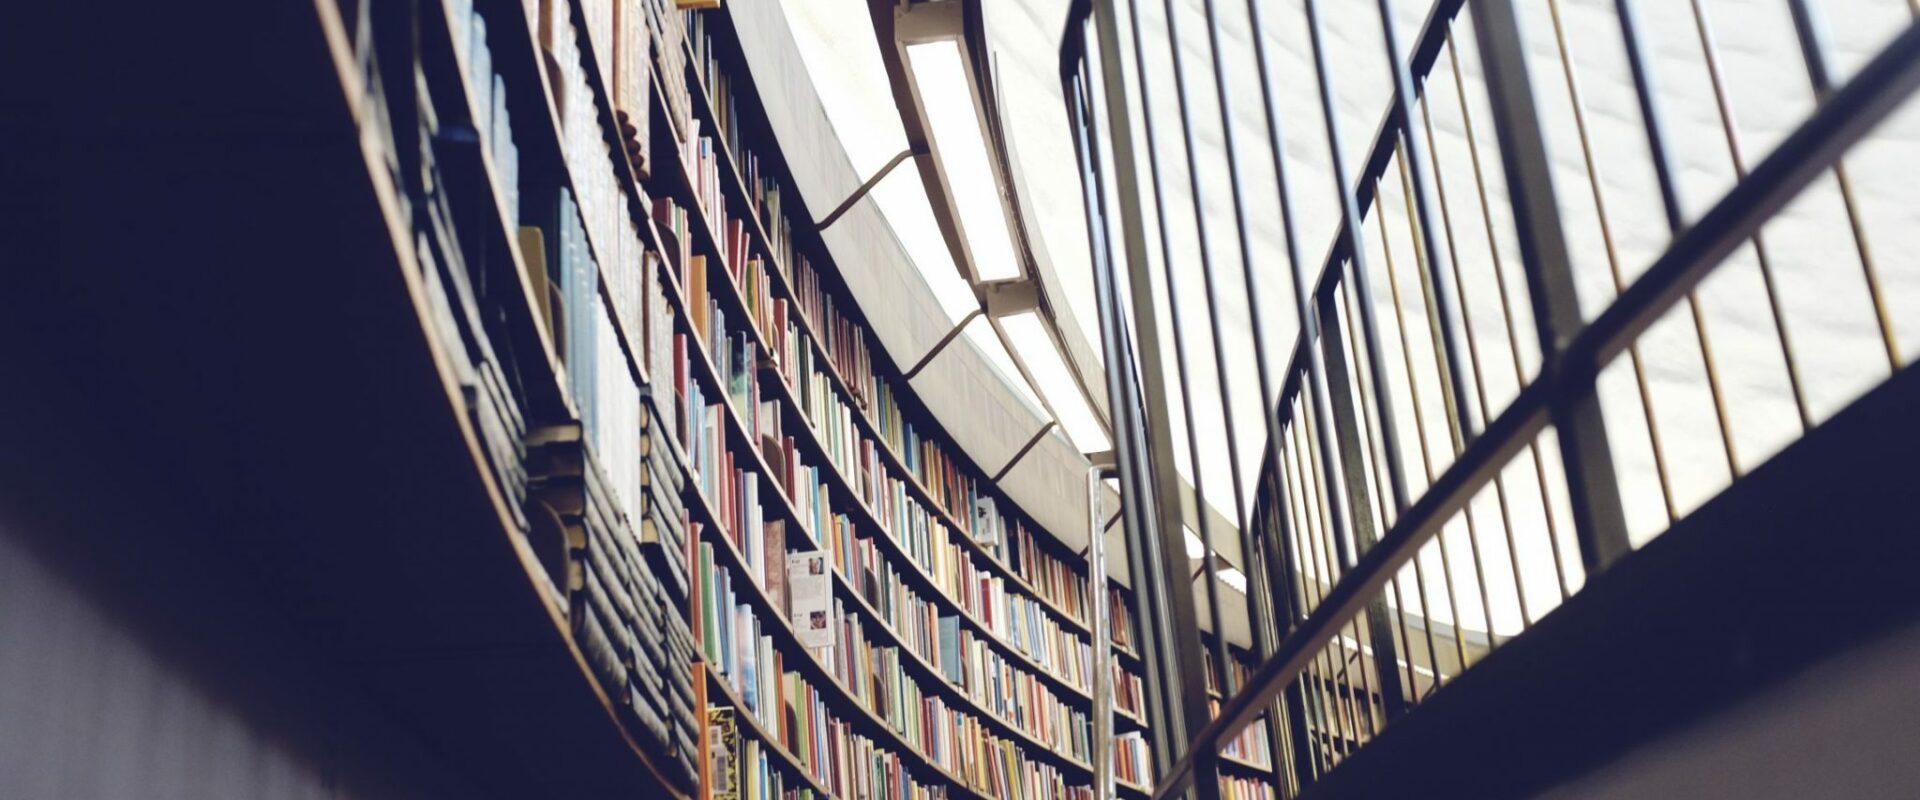 Bibliotheek wetboeken Wet